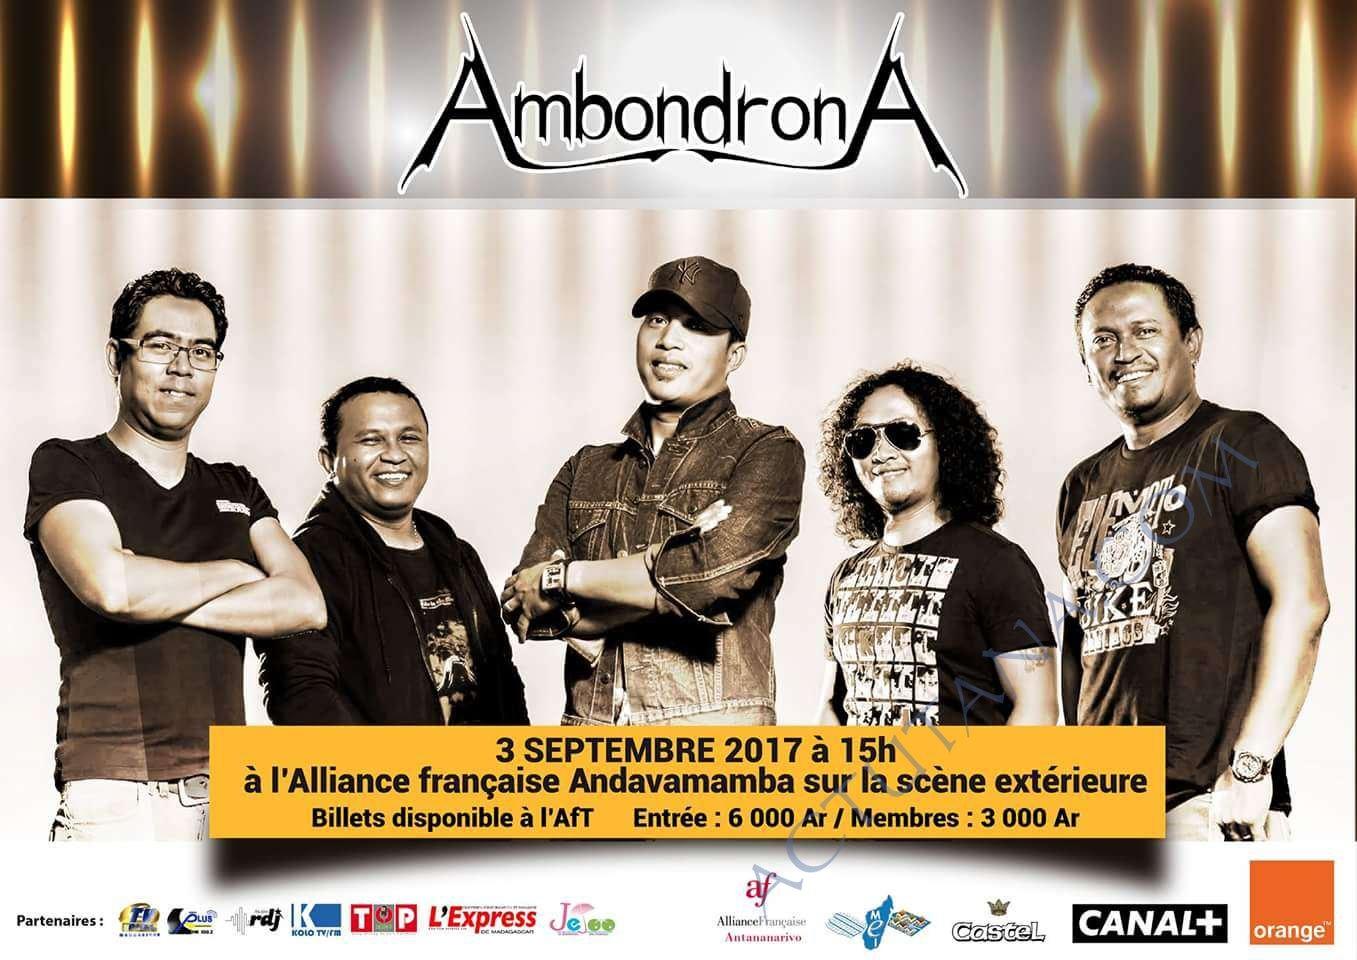 AmbondronA à l'AFT @ Alliance Française de Tananarive